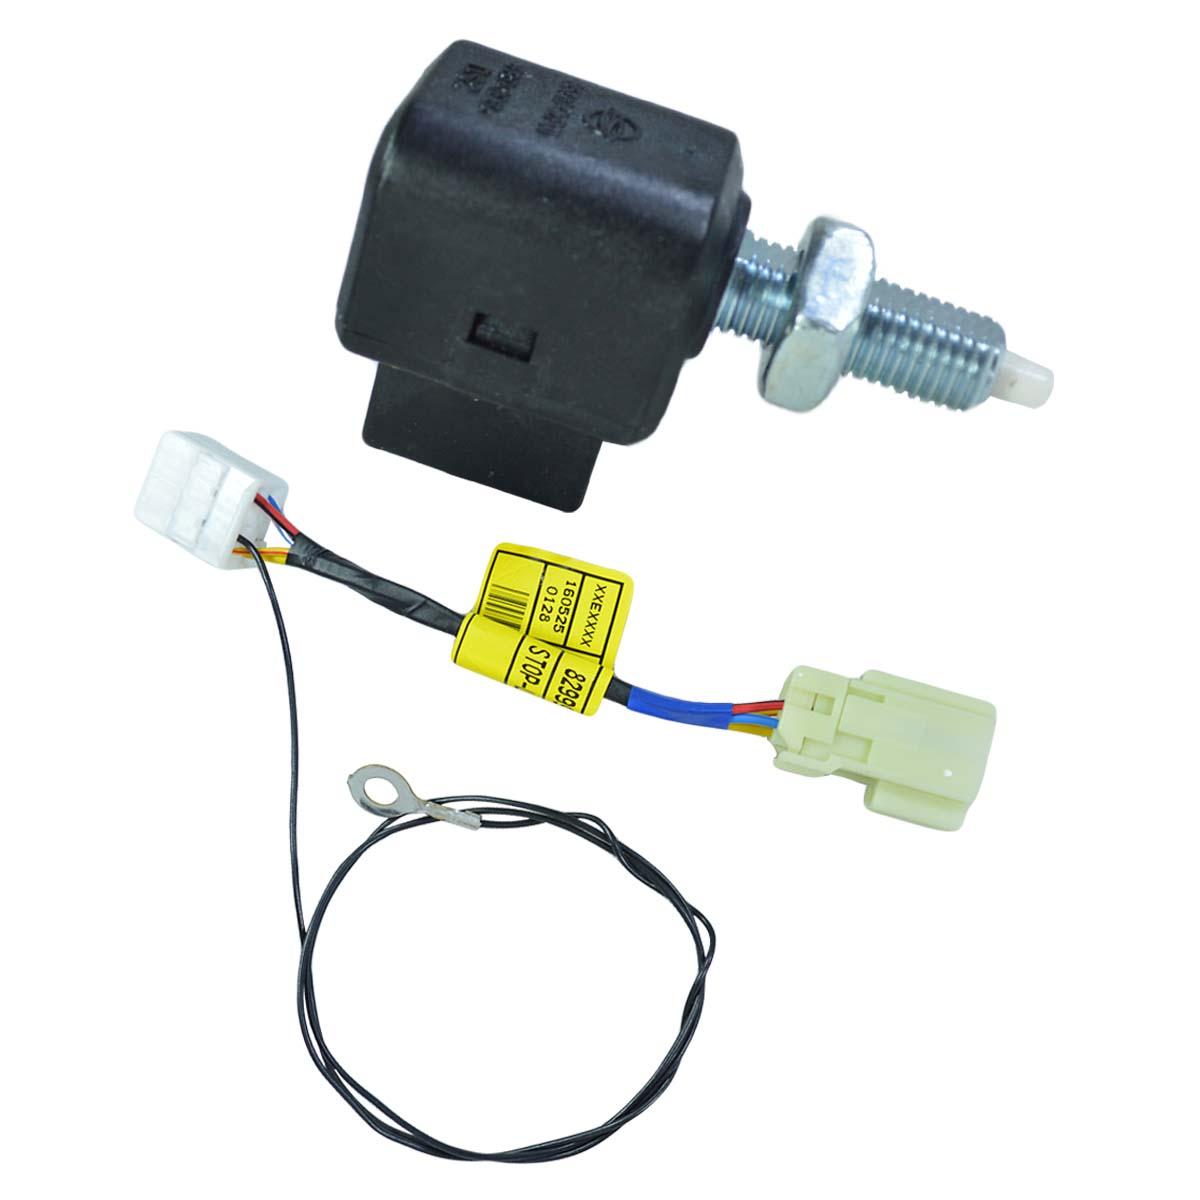 Kit Sensor Pedal Freio + Cabo Adaptador Ssangyong Kyron 2.0 2.7 após 2008 Original